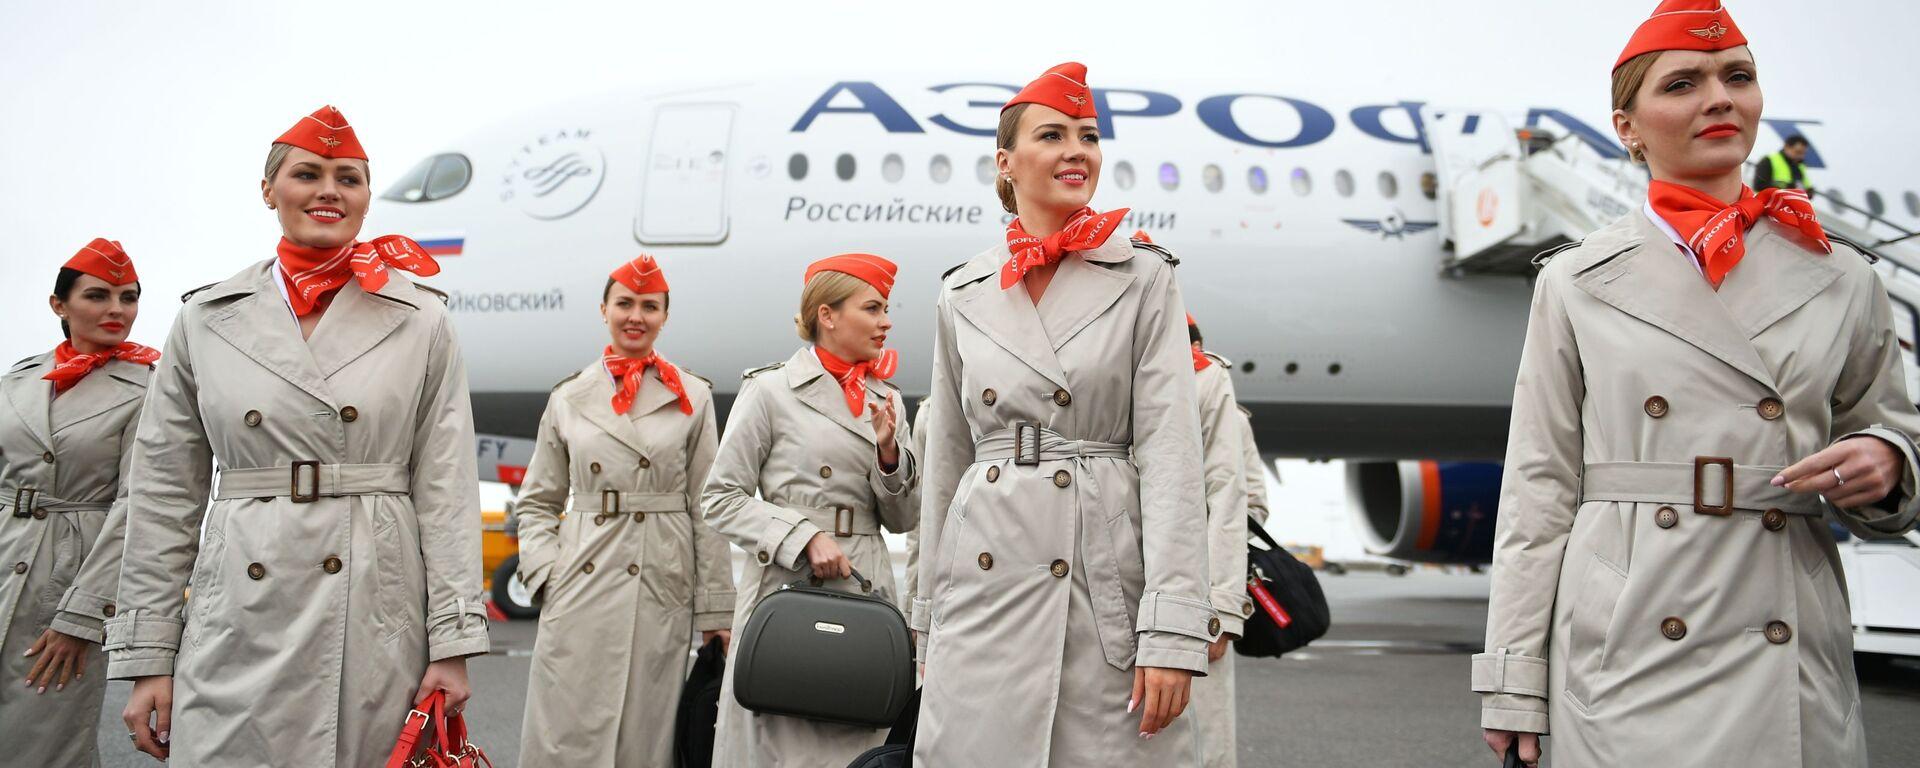 Стюардессы у дальнемагистрального широкофюзеляжного пассажирского самолета Airbus A350-900 авиакомпании Аэрофлот  - Sputnik Узбекистан, 1920, 09.06.2021